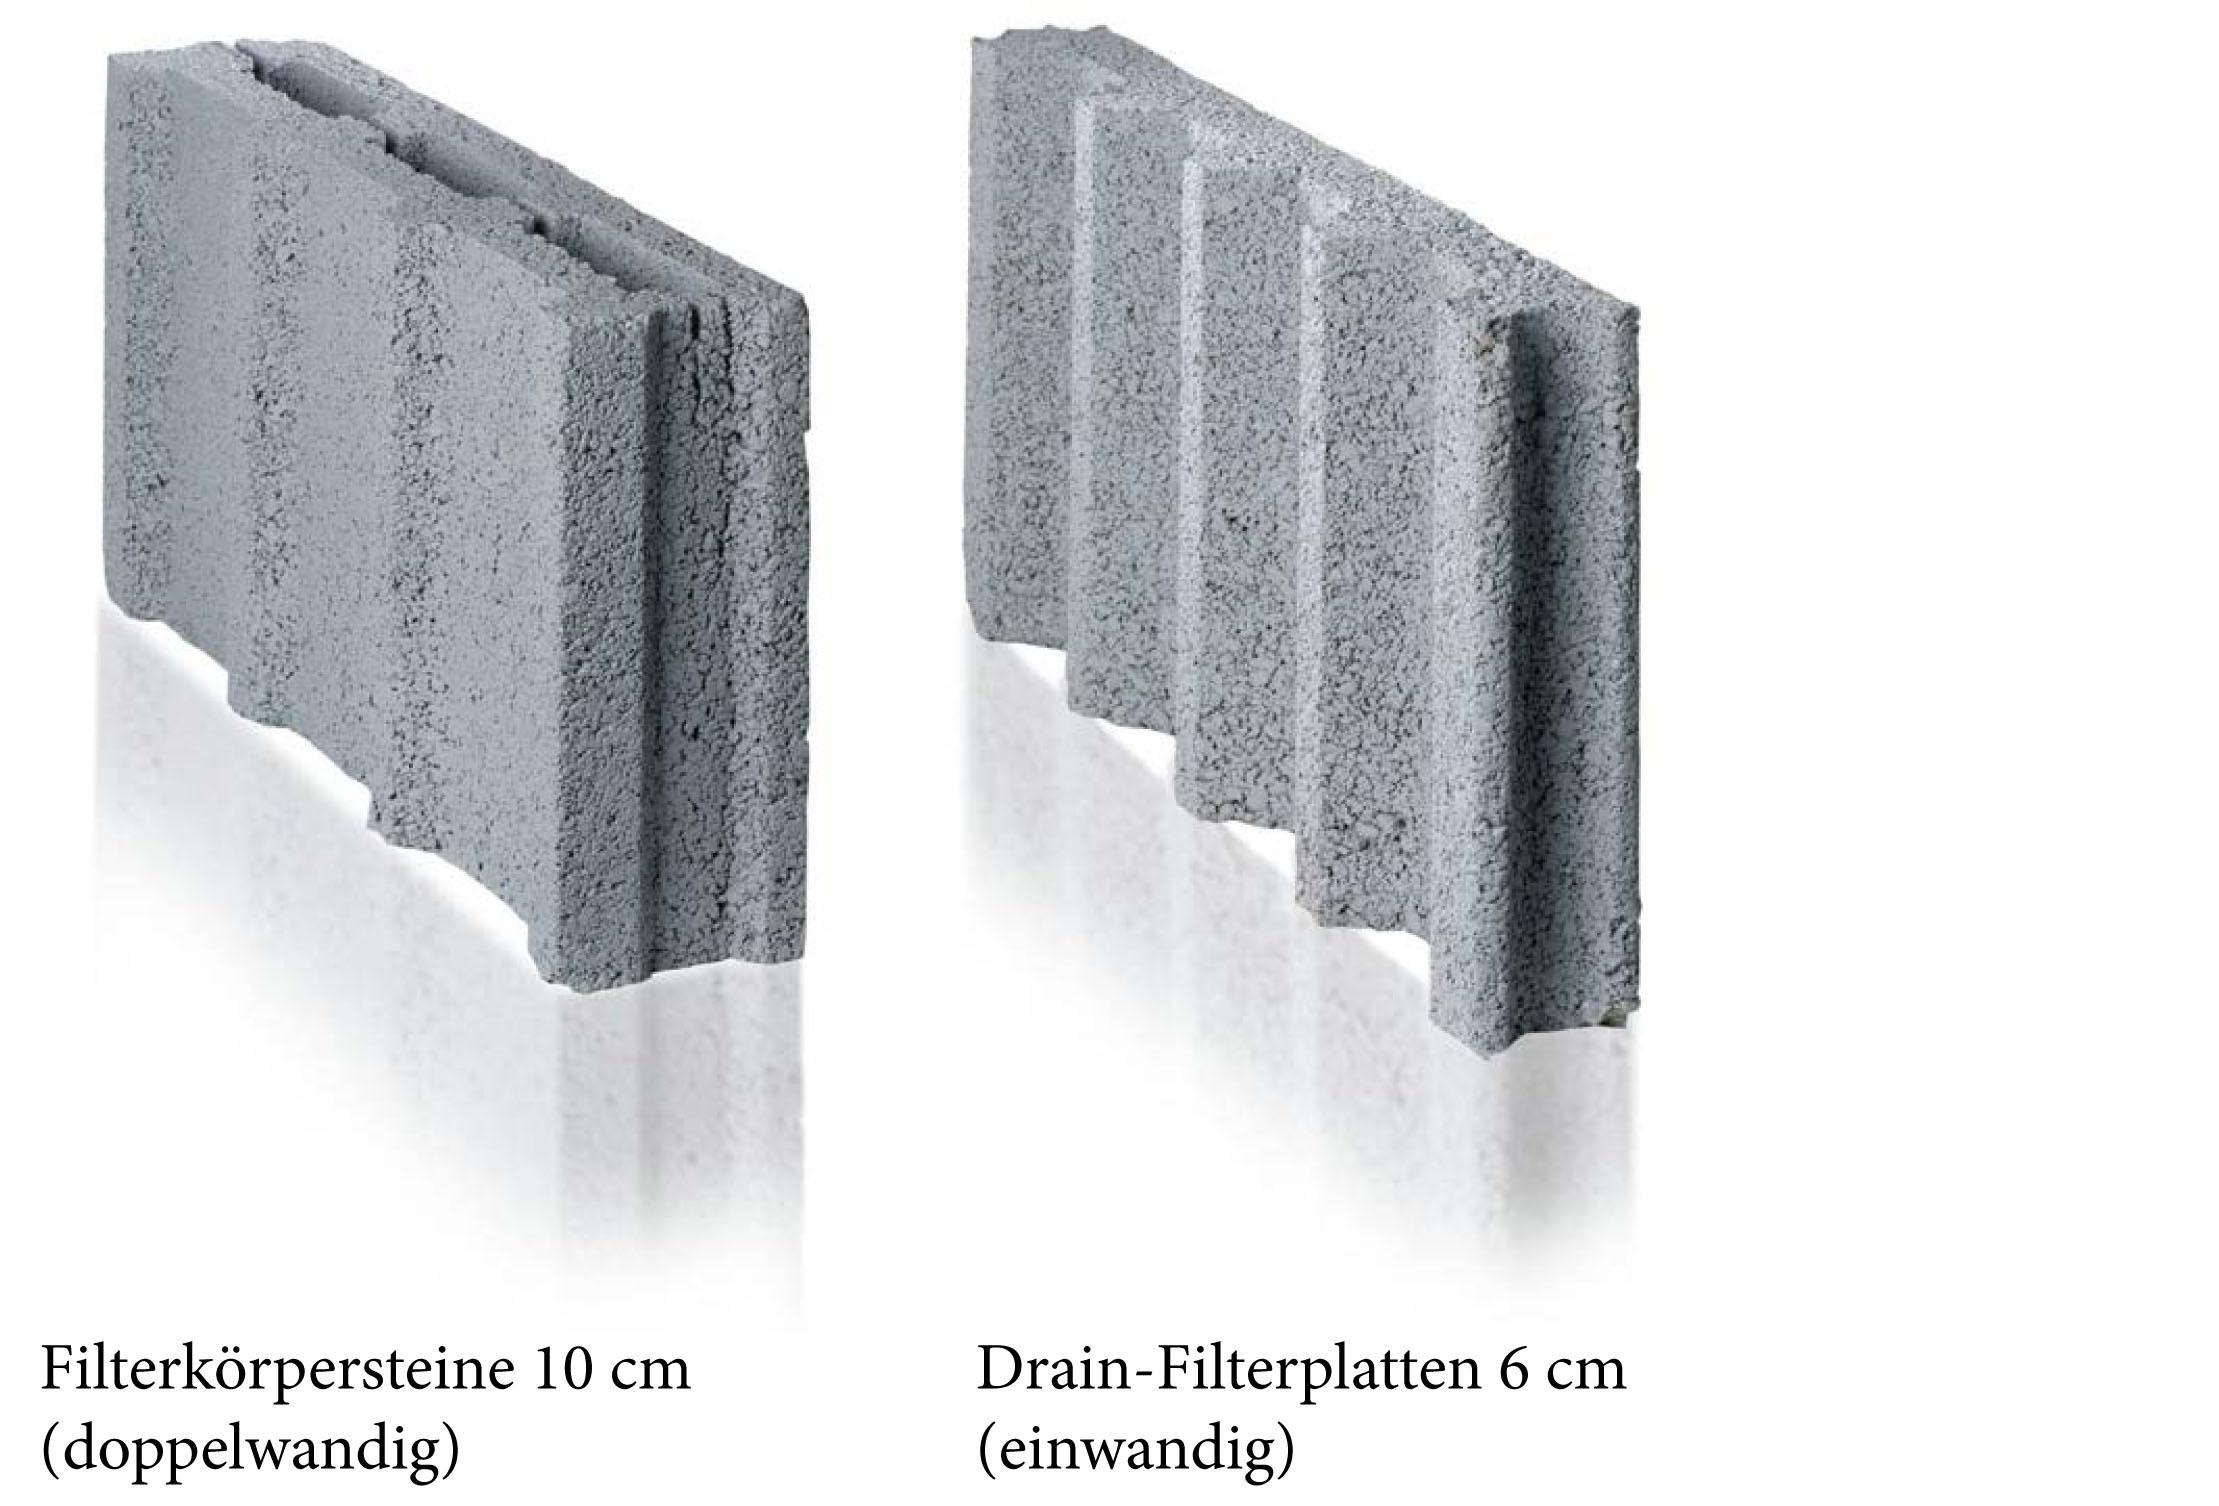 Filterkörpersteine